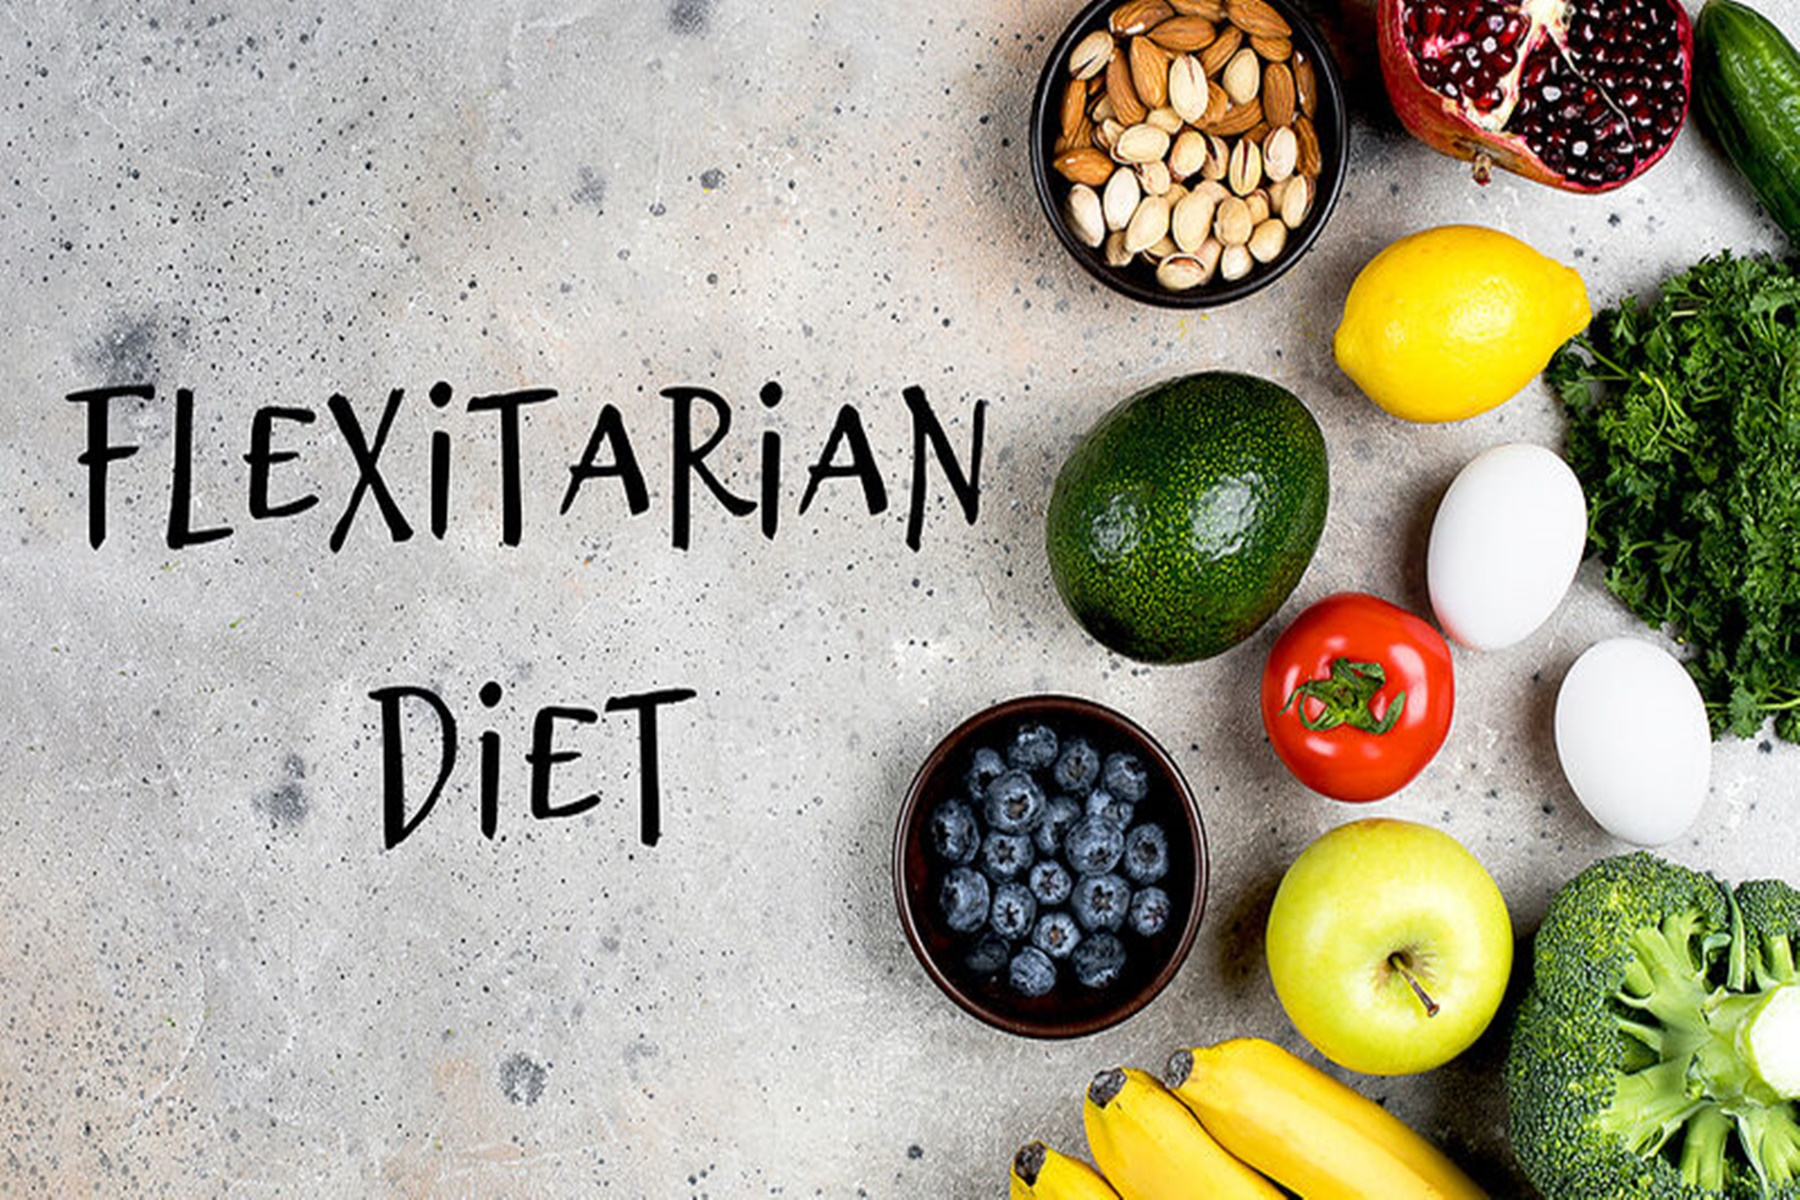 Διατροφή : Τρόφιμα πλούσια σε αντιοξειδωτικά